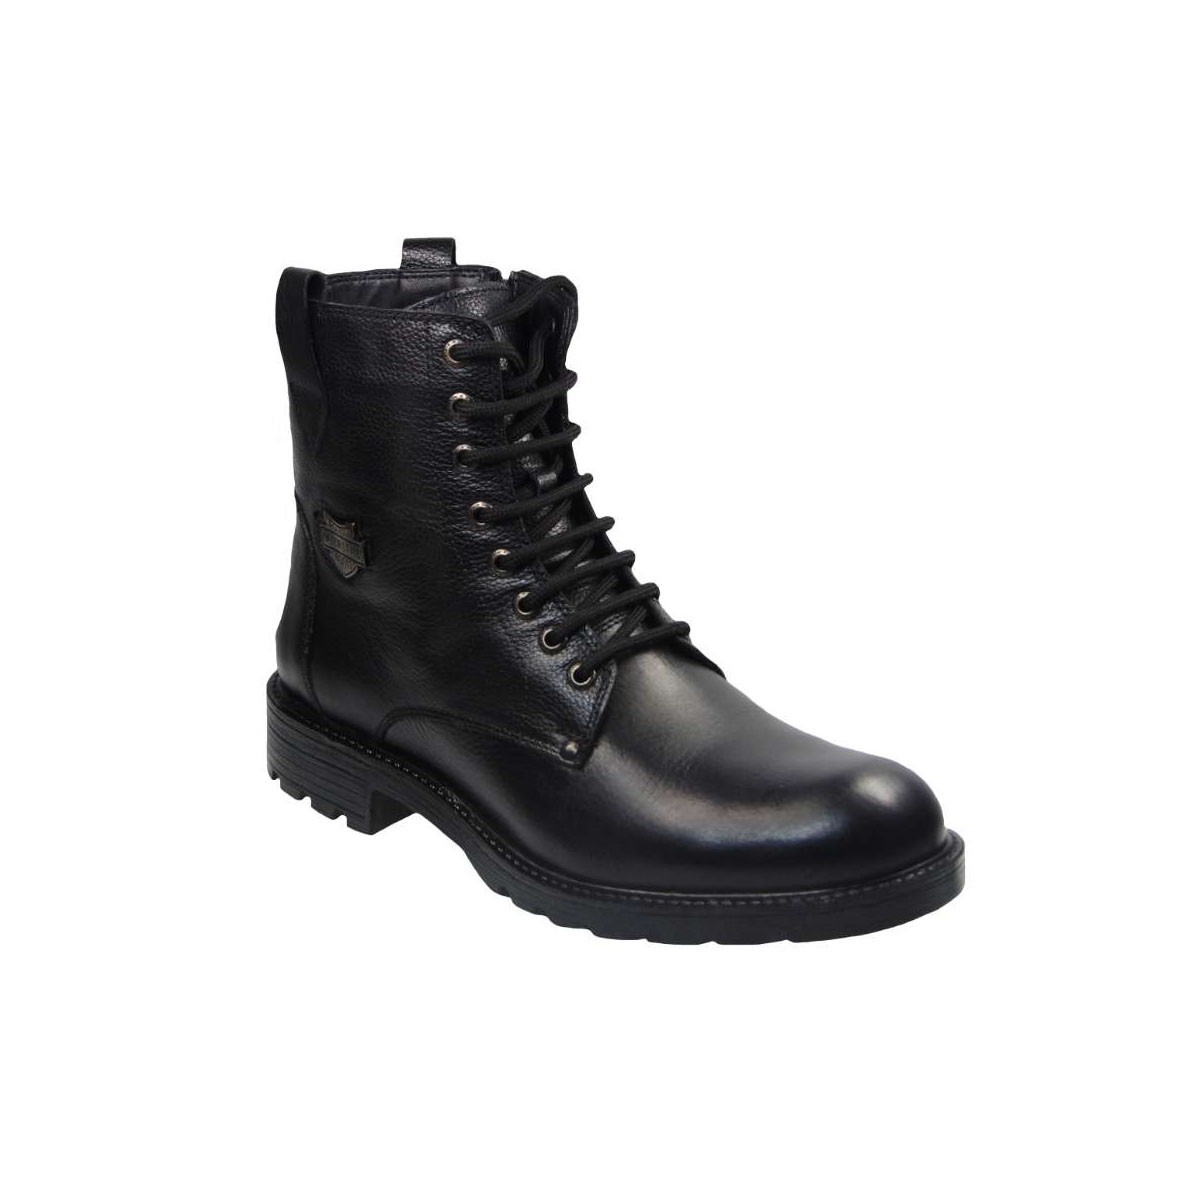 -34% Tsimpolis Tsimpolis Shoes 394-M Μποτάκι Απο Γνήσιο Δέρμα Μαύρο 7a1fb2c9696